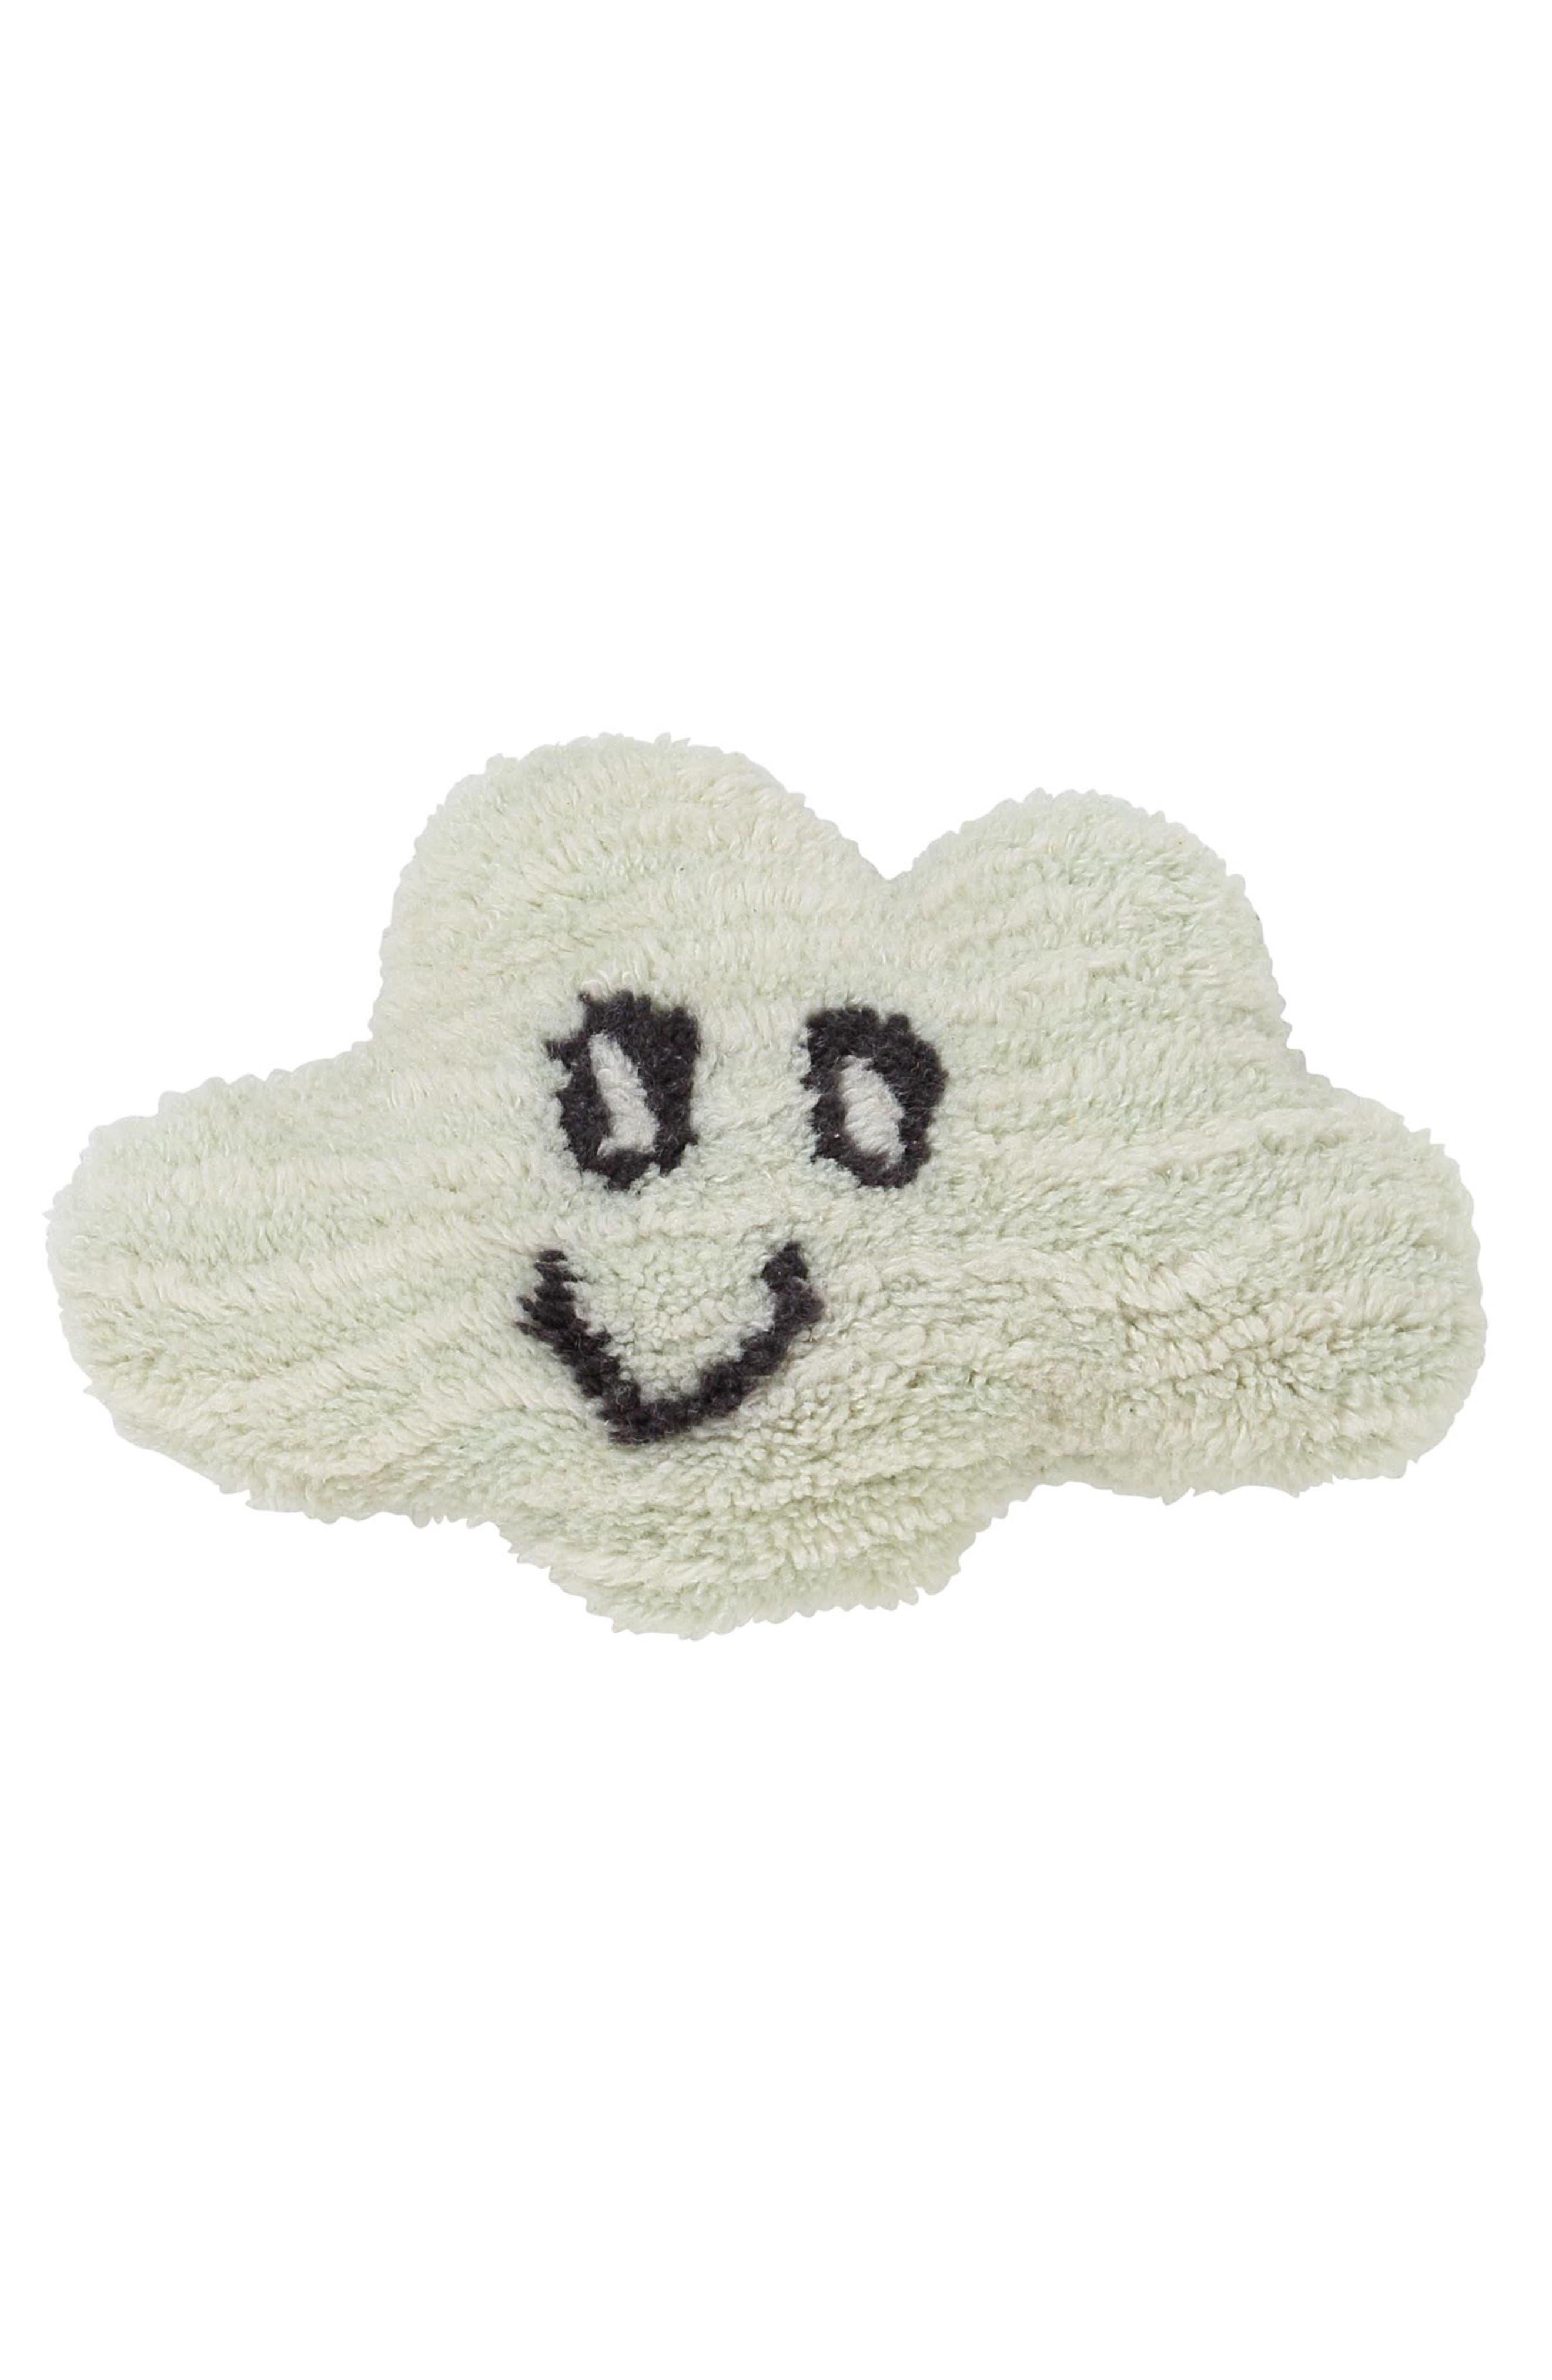 Nimbus Cloud Cushion Wool Pillow,                             Main thumbnail 1, color,                             020